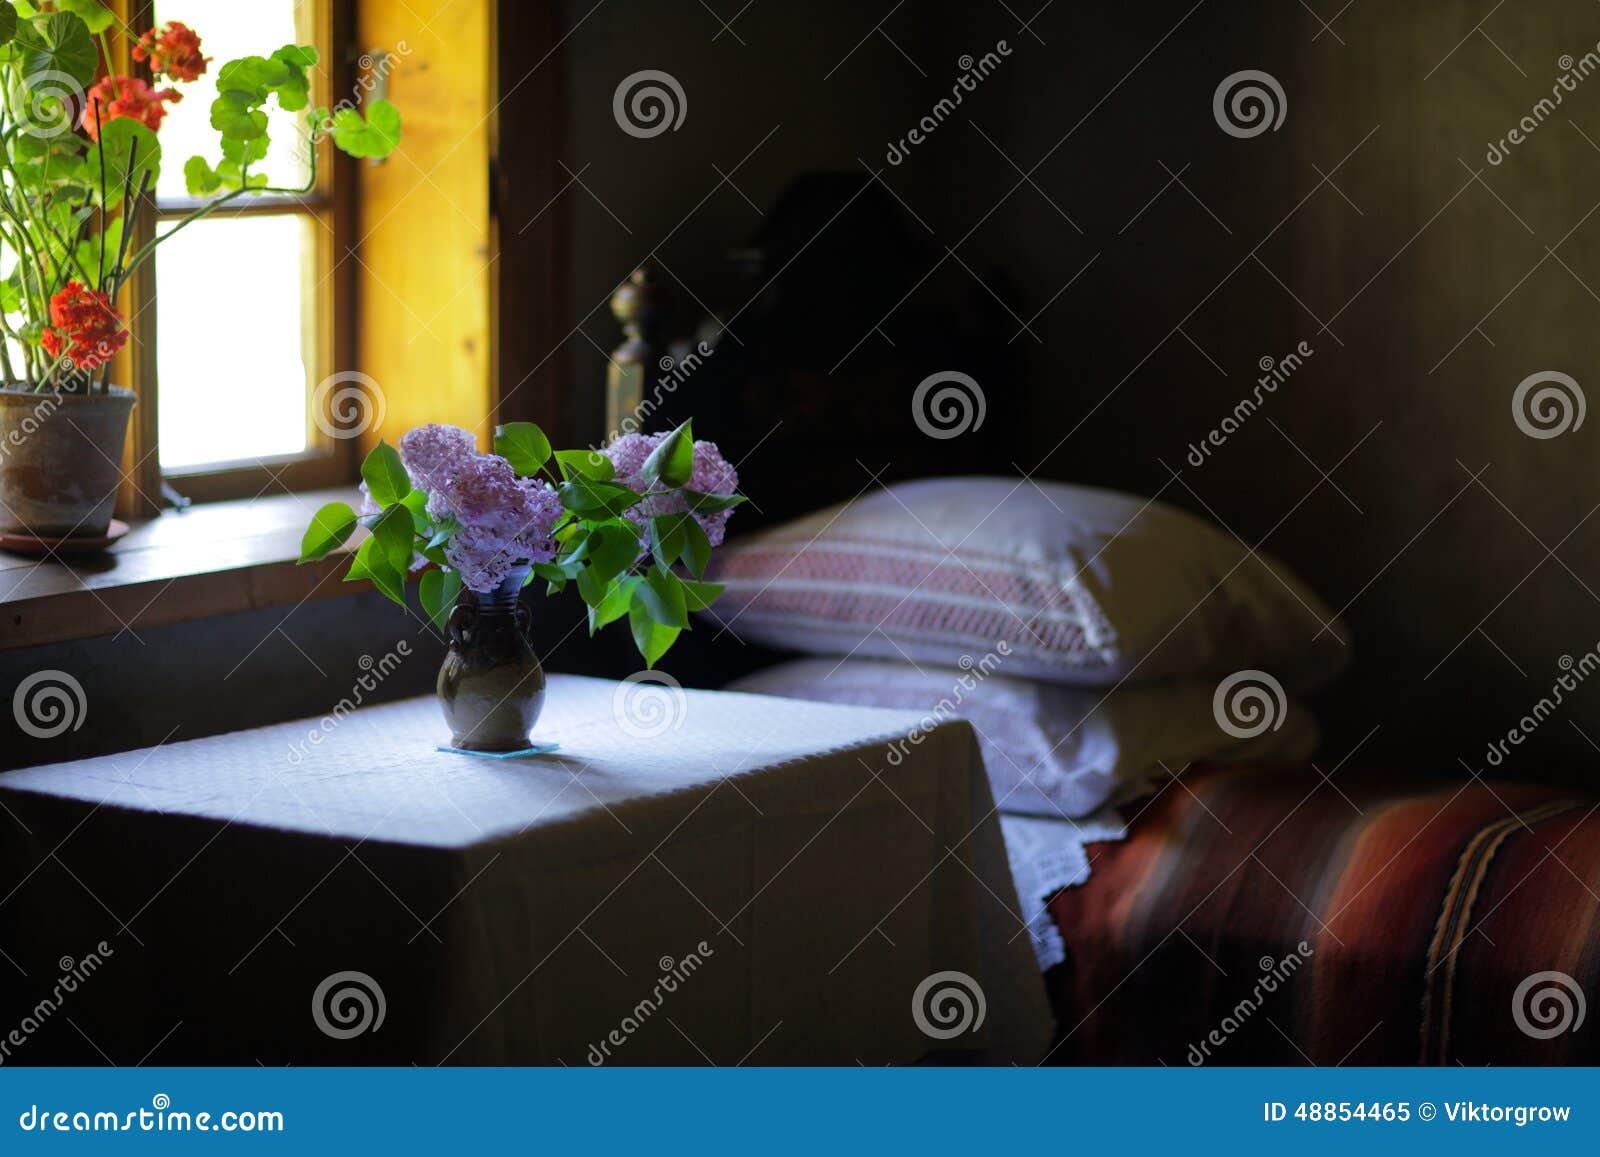 Vase Blumen Im Schlafzimmer Eines Alten Hauses Stockbild - Bild von ...